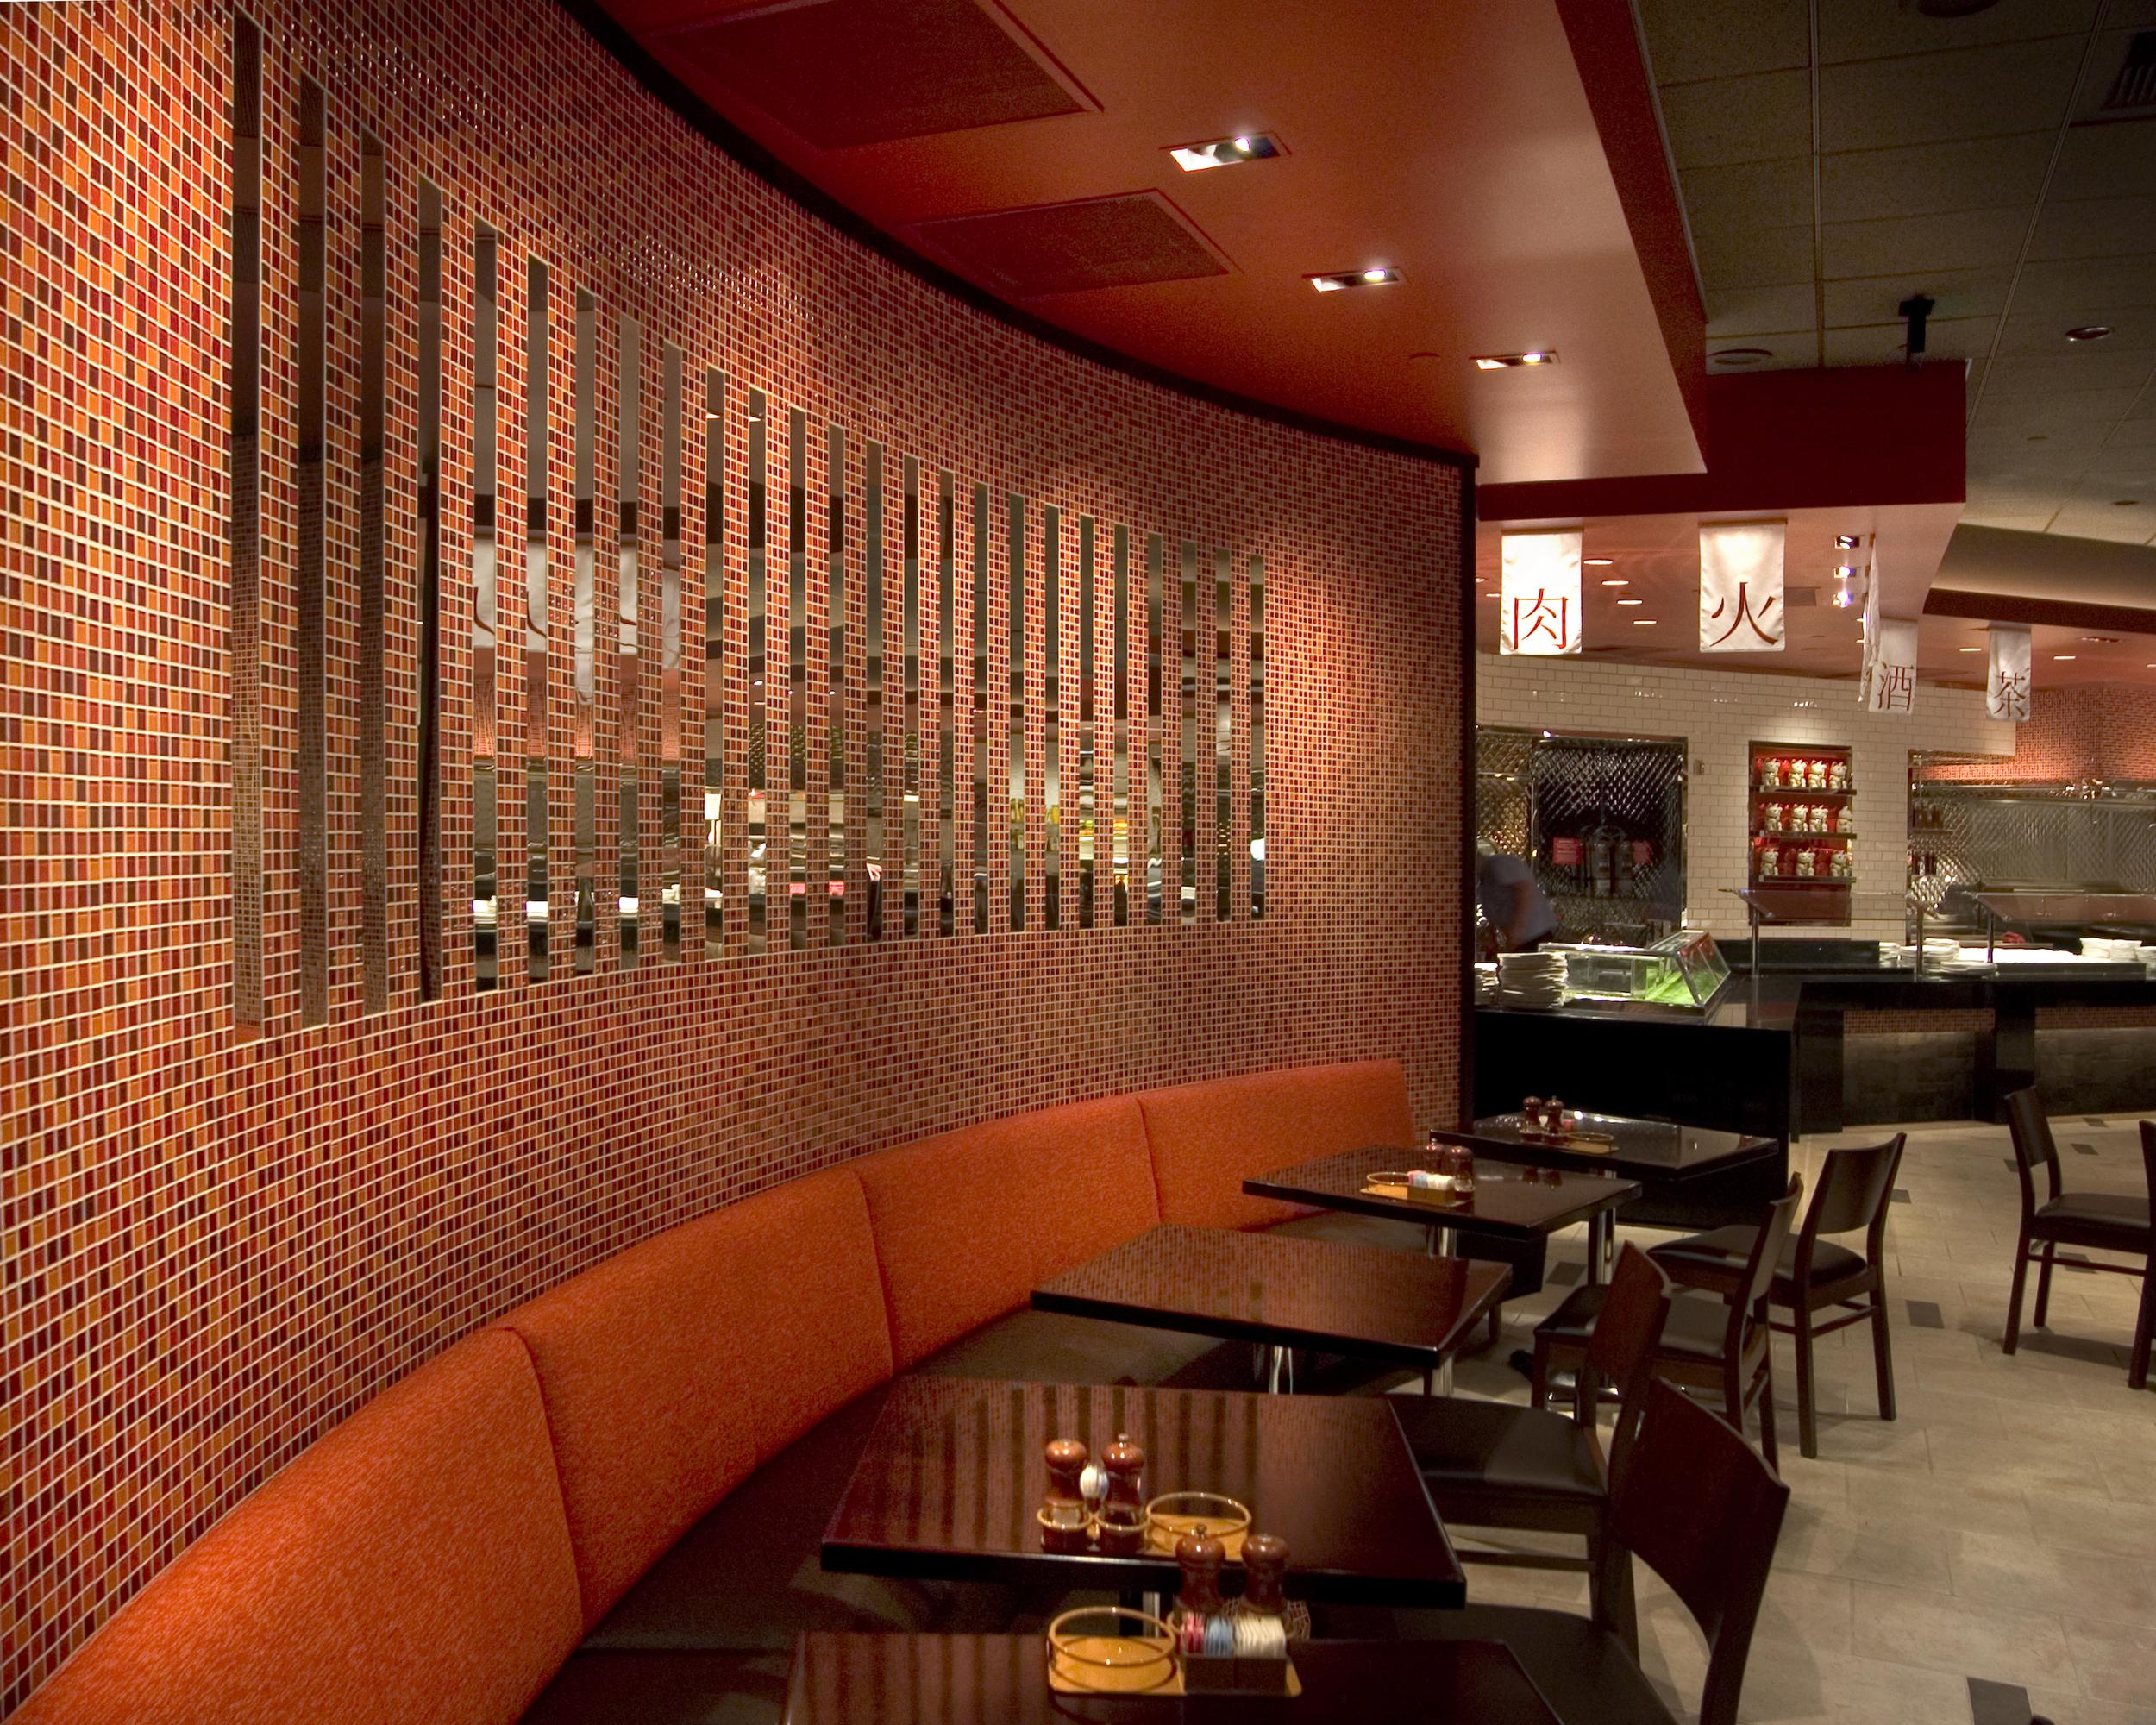 restaurant, japanese, tile, orange.jpg